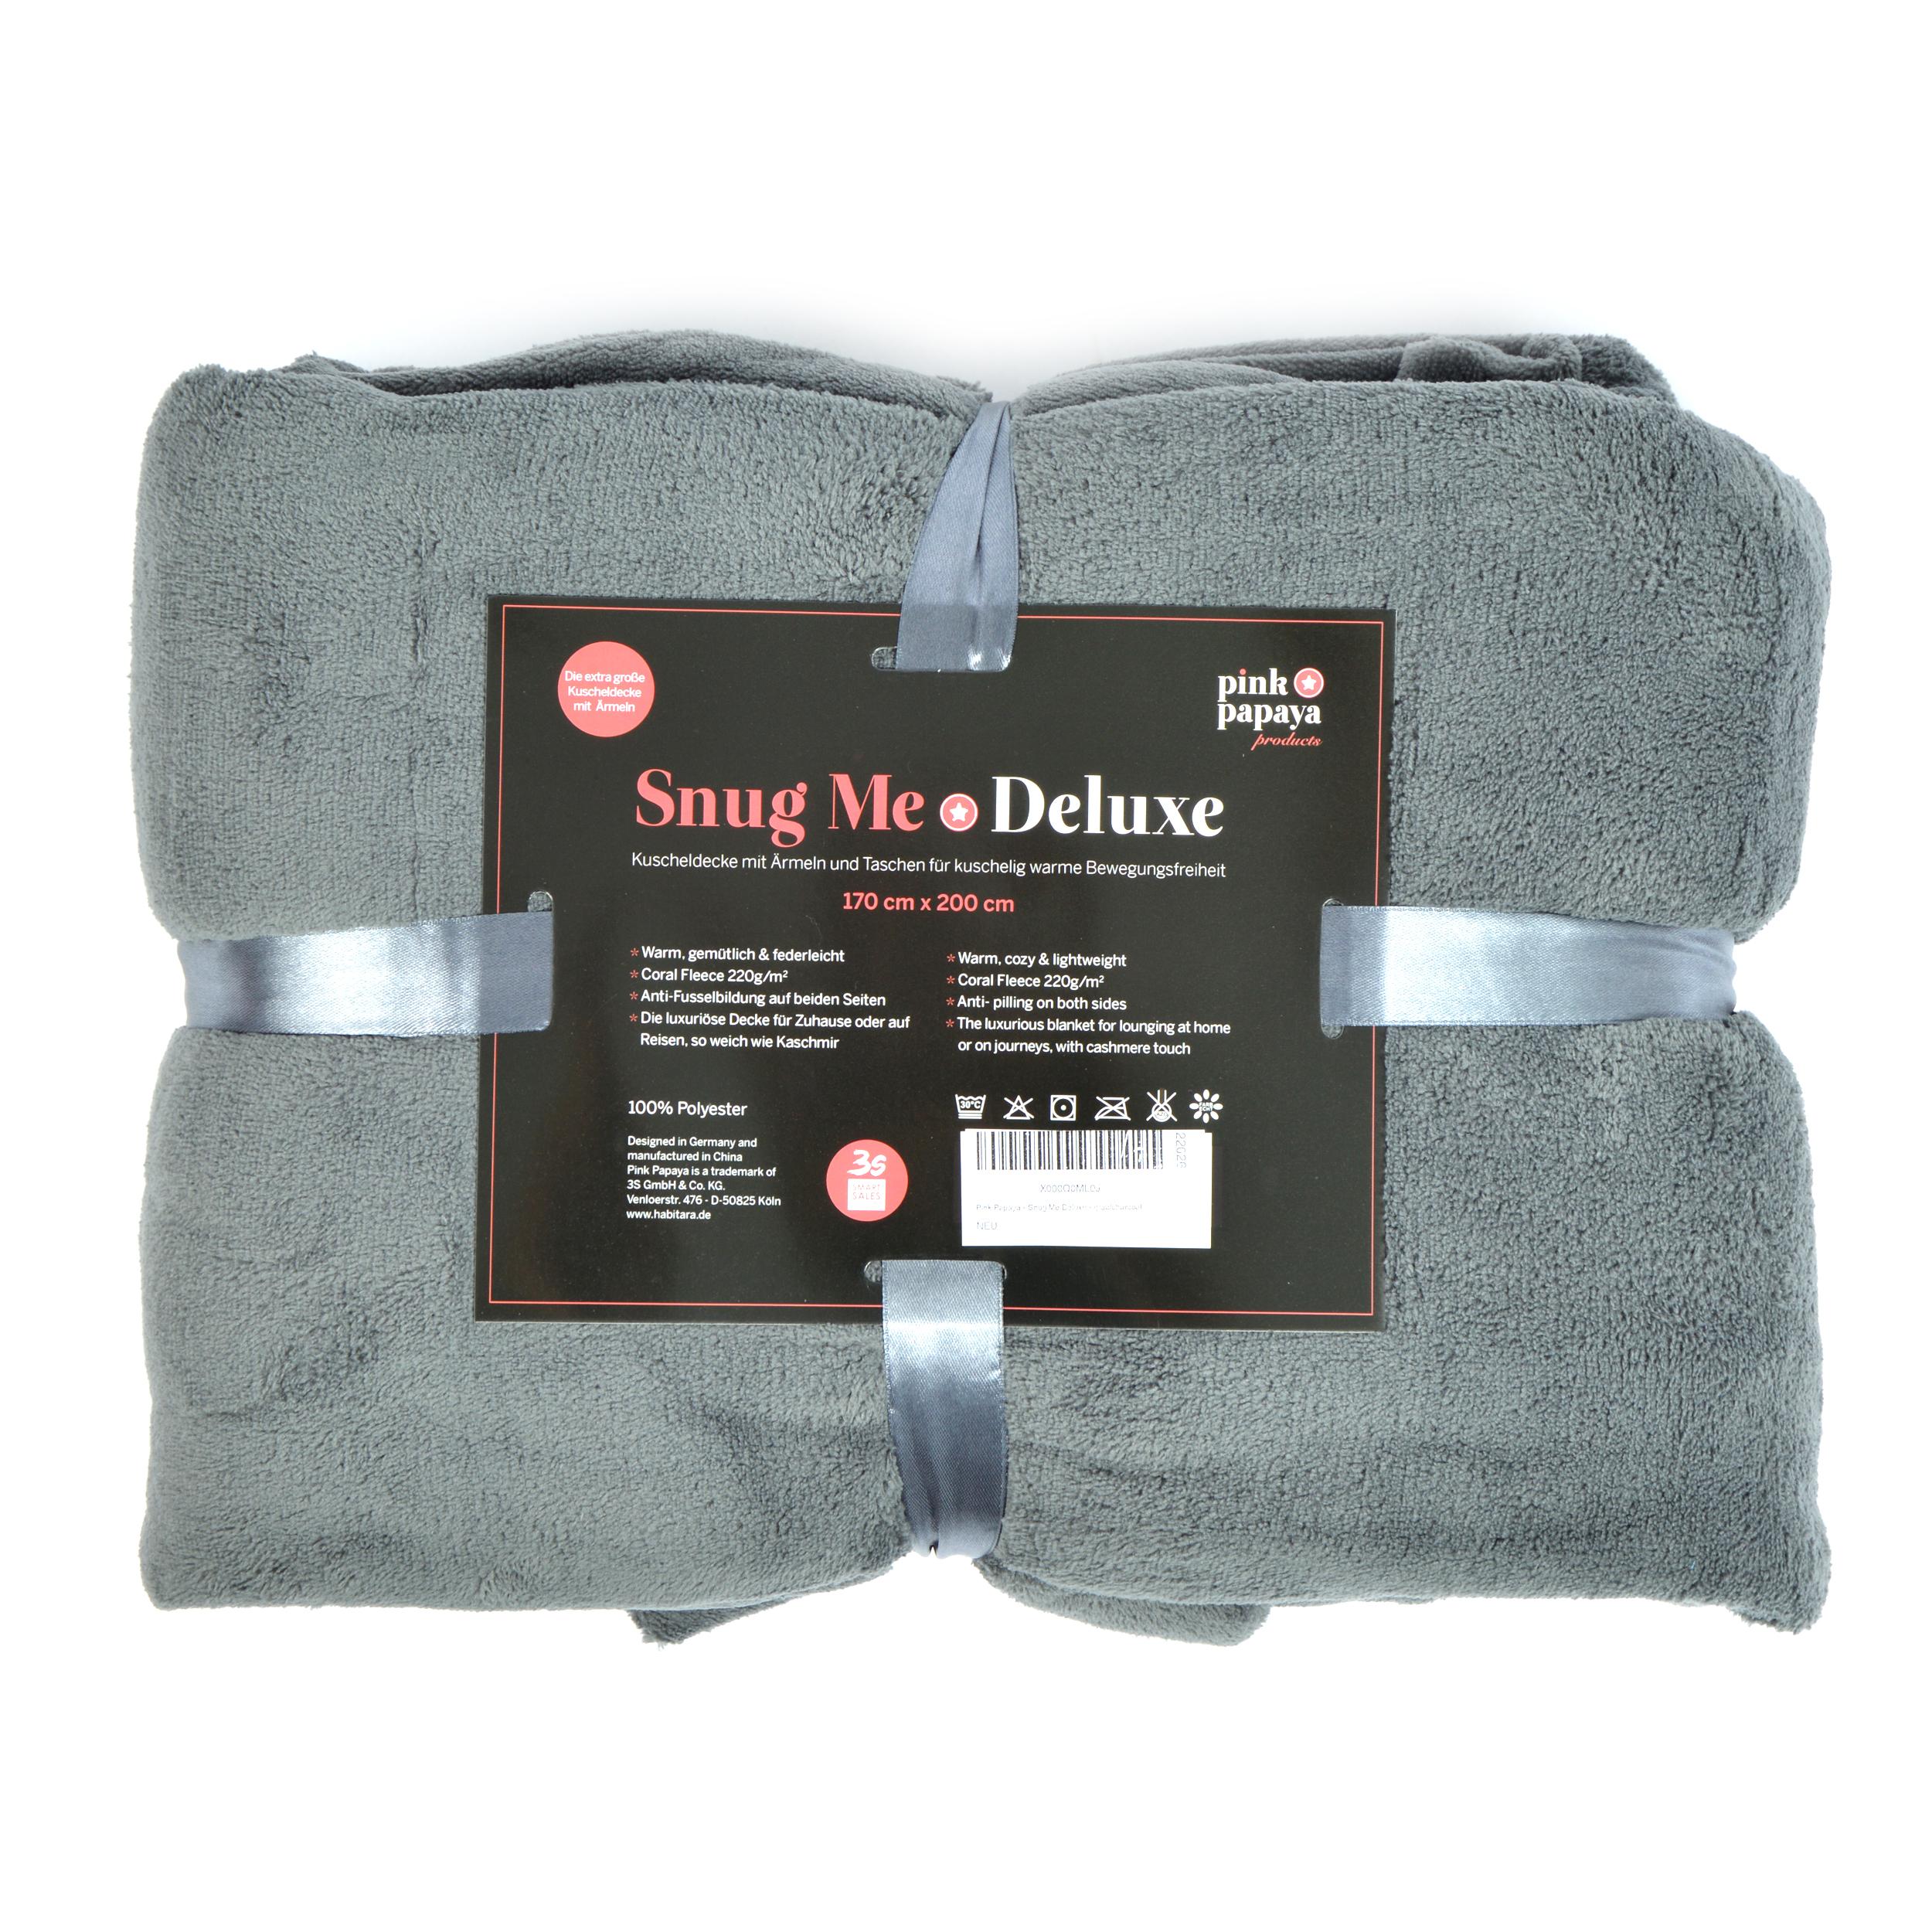 Snug Me - Deluxe - Decke mit Ärmeln und Fußtasche - Mid Grey / Charcoal 200x170